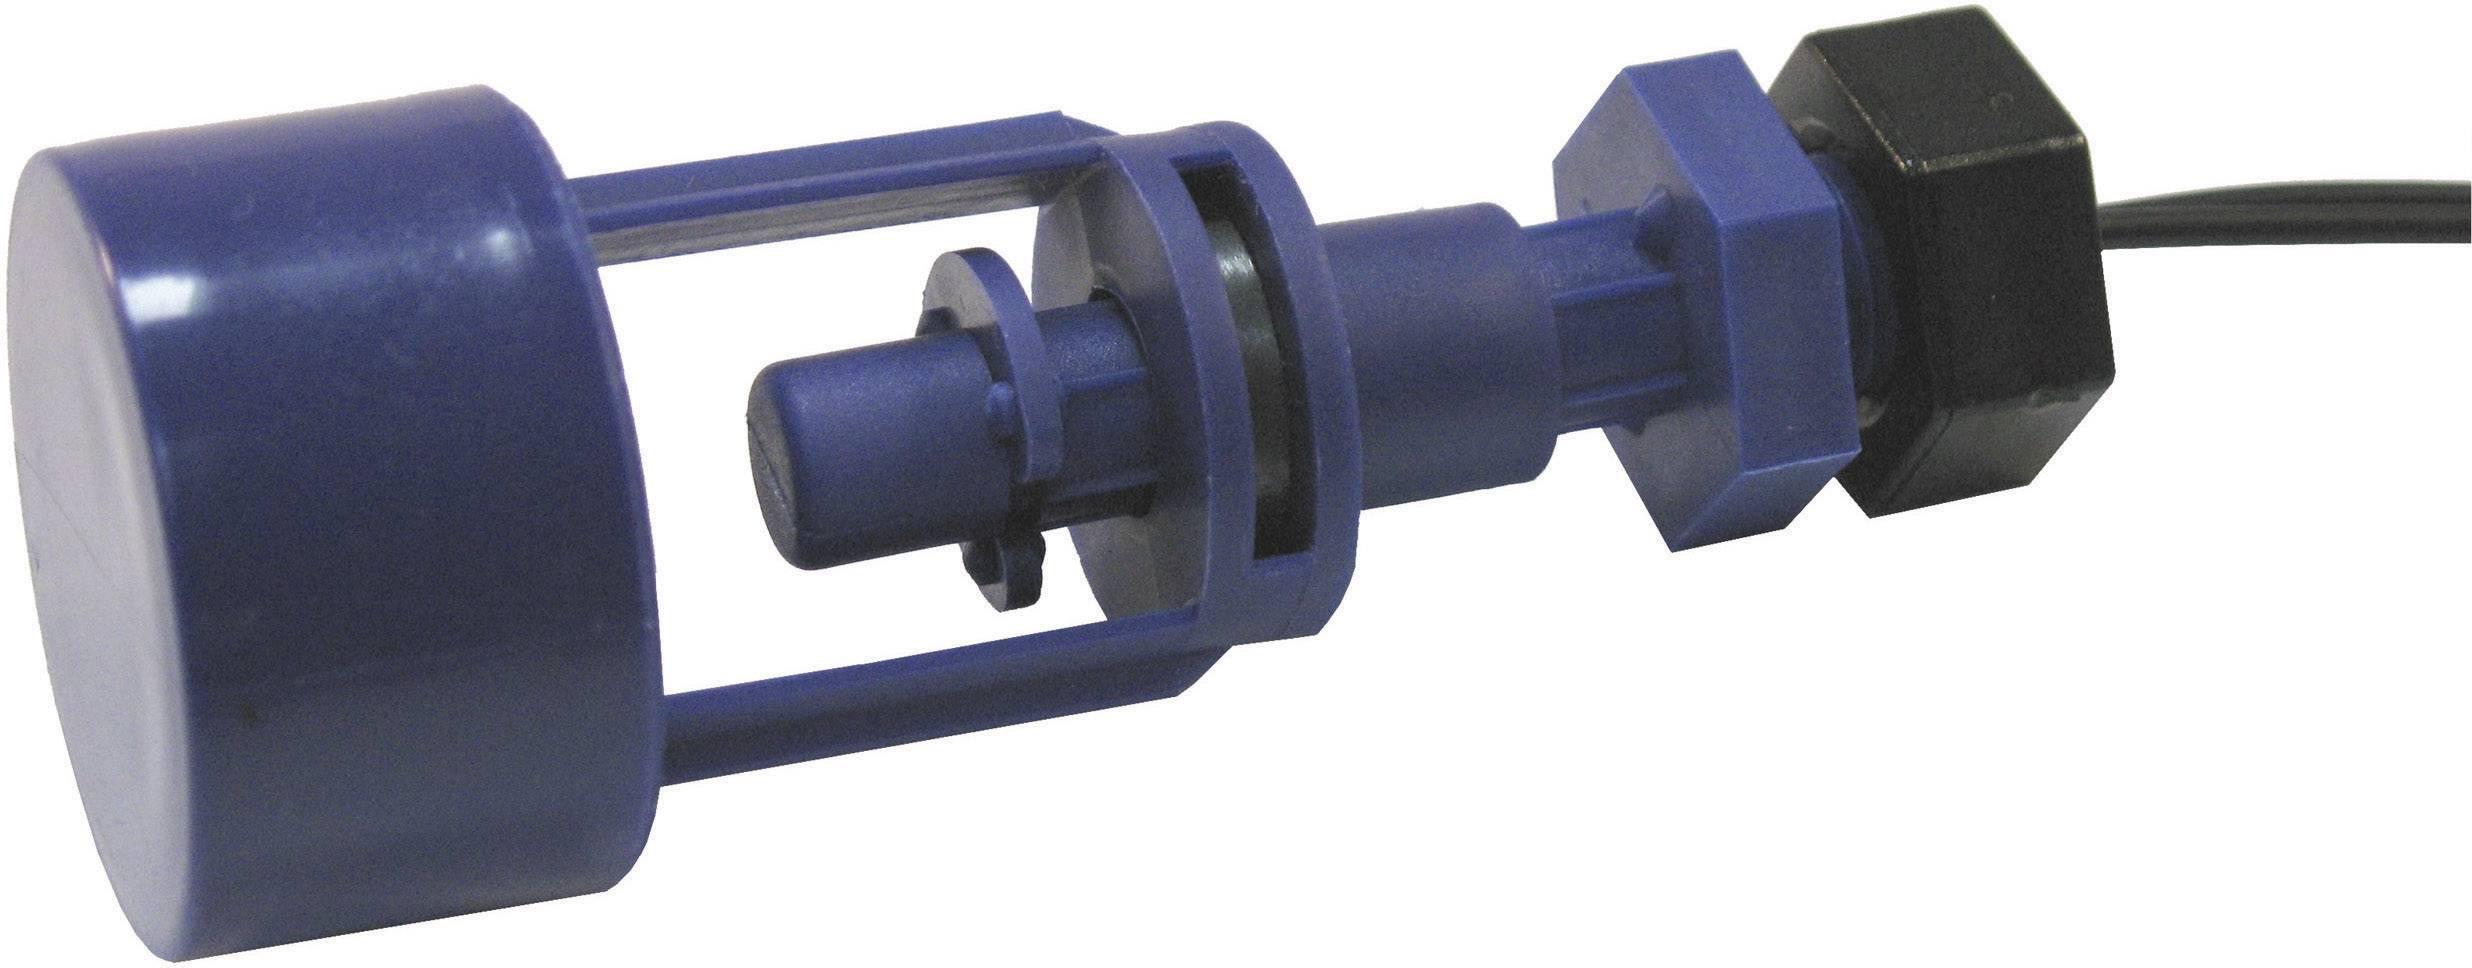 Plovákový spínač Binsack 1068/7-A013 (16913), 250 V/AC, 1 A, 0.5 m, modrá